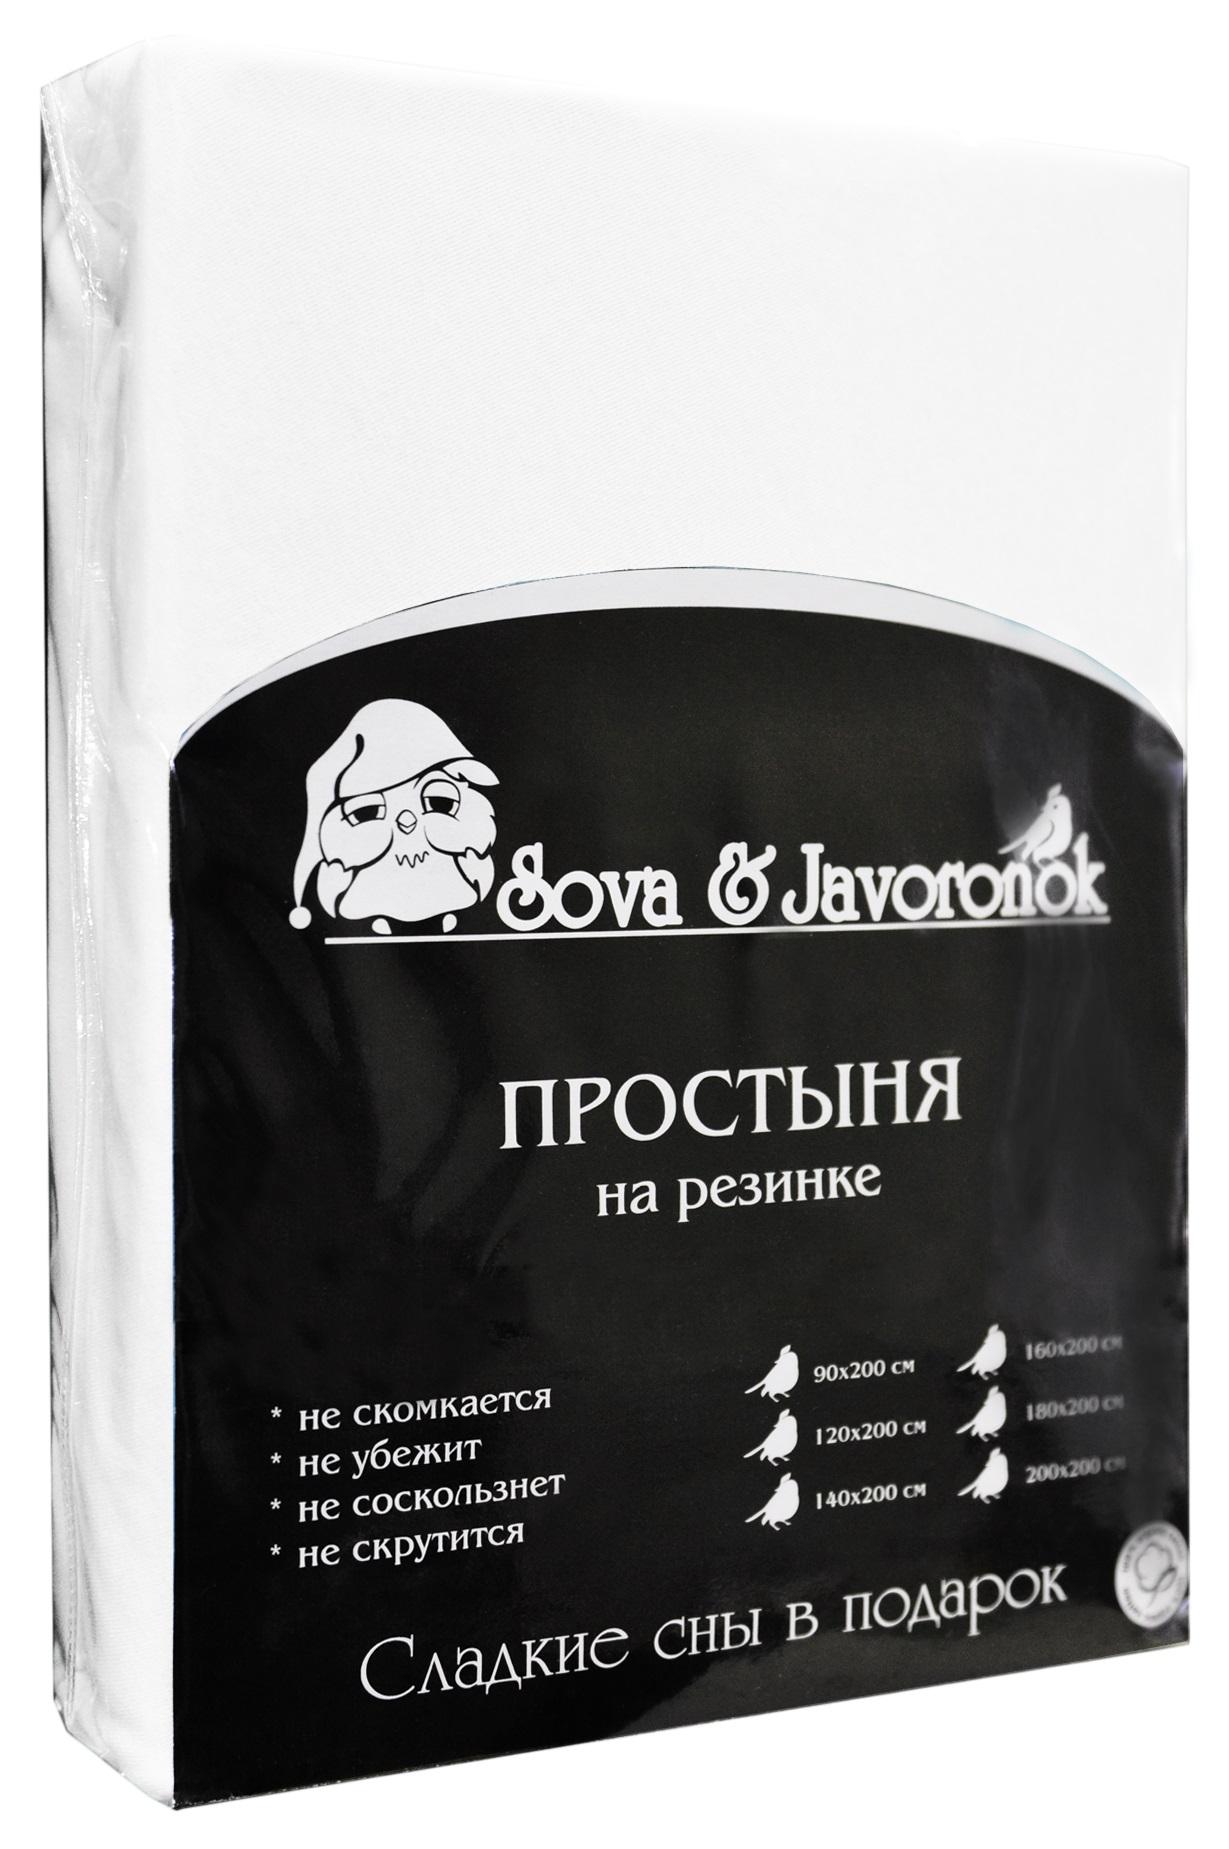 Простыня на резинке Sova & Javoronok, цвет: белый, 120 см х 200 см0803114202Простыня на резинке Sova & Javoronok, изготовленная из трикотажной ткани (100% хлопок), будет превосходно смотреться с любыми комплектами белья. Хлопчатобумажный трикотаж по праву считается одним из самых качественных, прочных и при этом приятных на ощупь. Его гигиеничность позволяет использовать простыню и в детских комнатах, к тому же 100%-ый хлопок в составе ткани не вызовет аллергии. У трикотажного полотна очень интересная структура, немного рыхлая за счет отсутствия плотного переплетения нитей и наличия особых петель, благодаря этому простыня Сова и Жаворонок отлично пропускает воздух и способствует его постоянной циркуляции. Поэтому ваша постель будет всегда оставаться свежей. Но главное и, пожалуй, самое известное свойство трикотажа - это его великолепная растяжимость, поэтому эта ткань и была выбрана для натяжной простыни на резинке. Простыня прошита резинкой по всему периметру, что обеспечивает более комфортный отдых, так как она прочно удерживается на матрасе и...